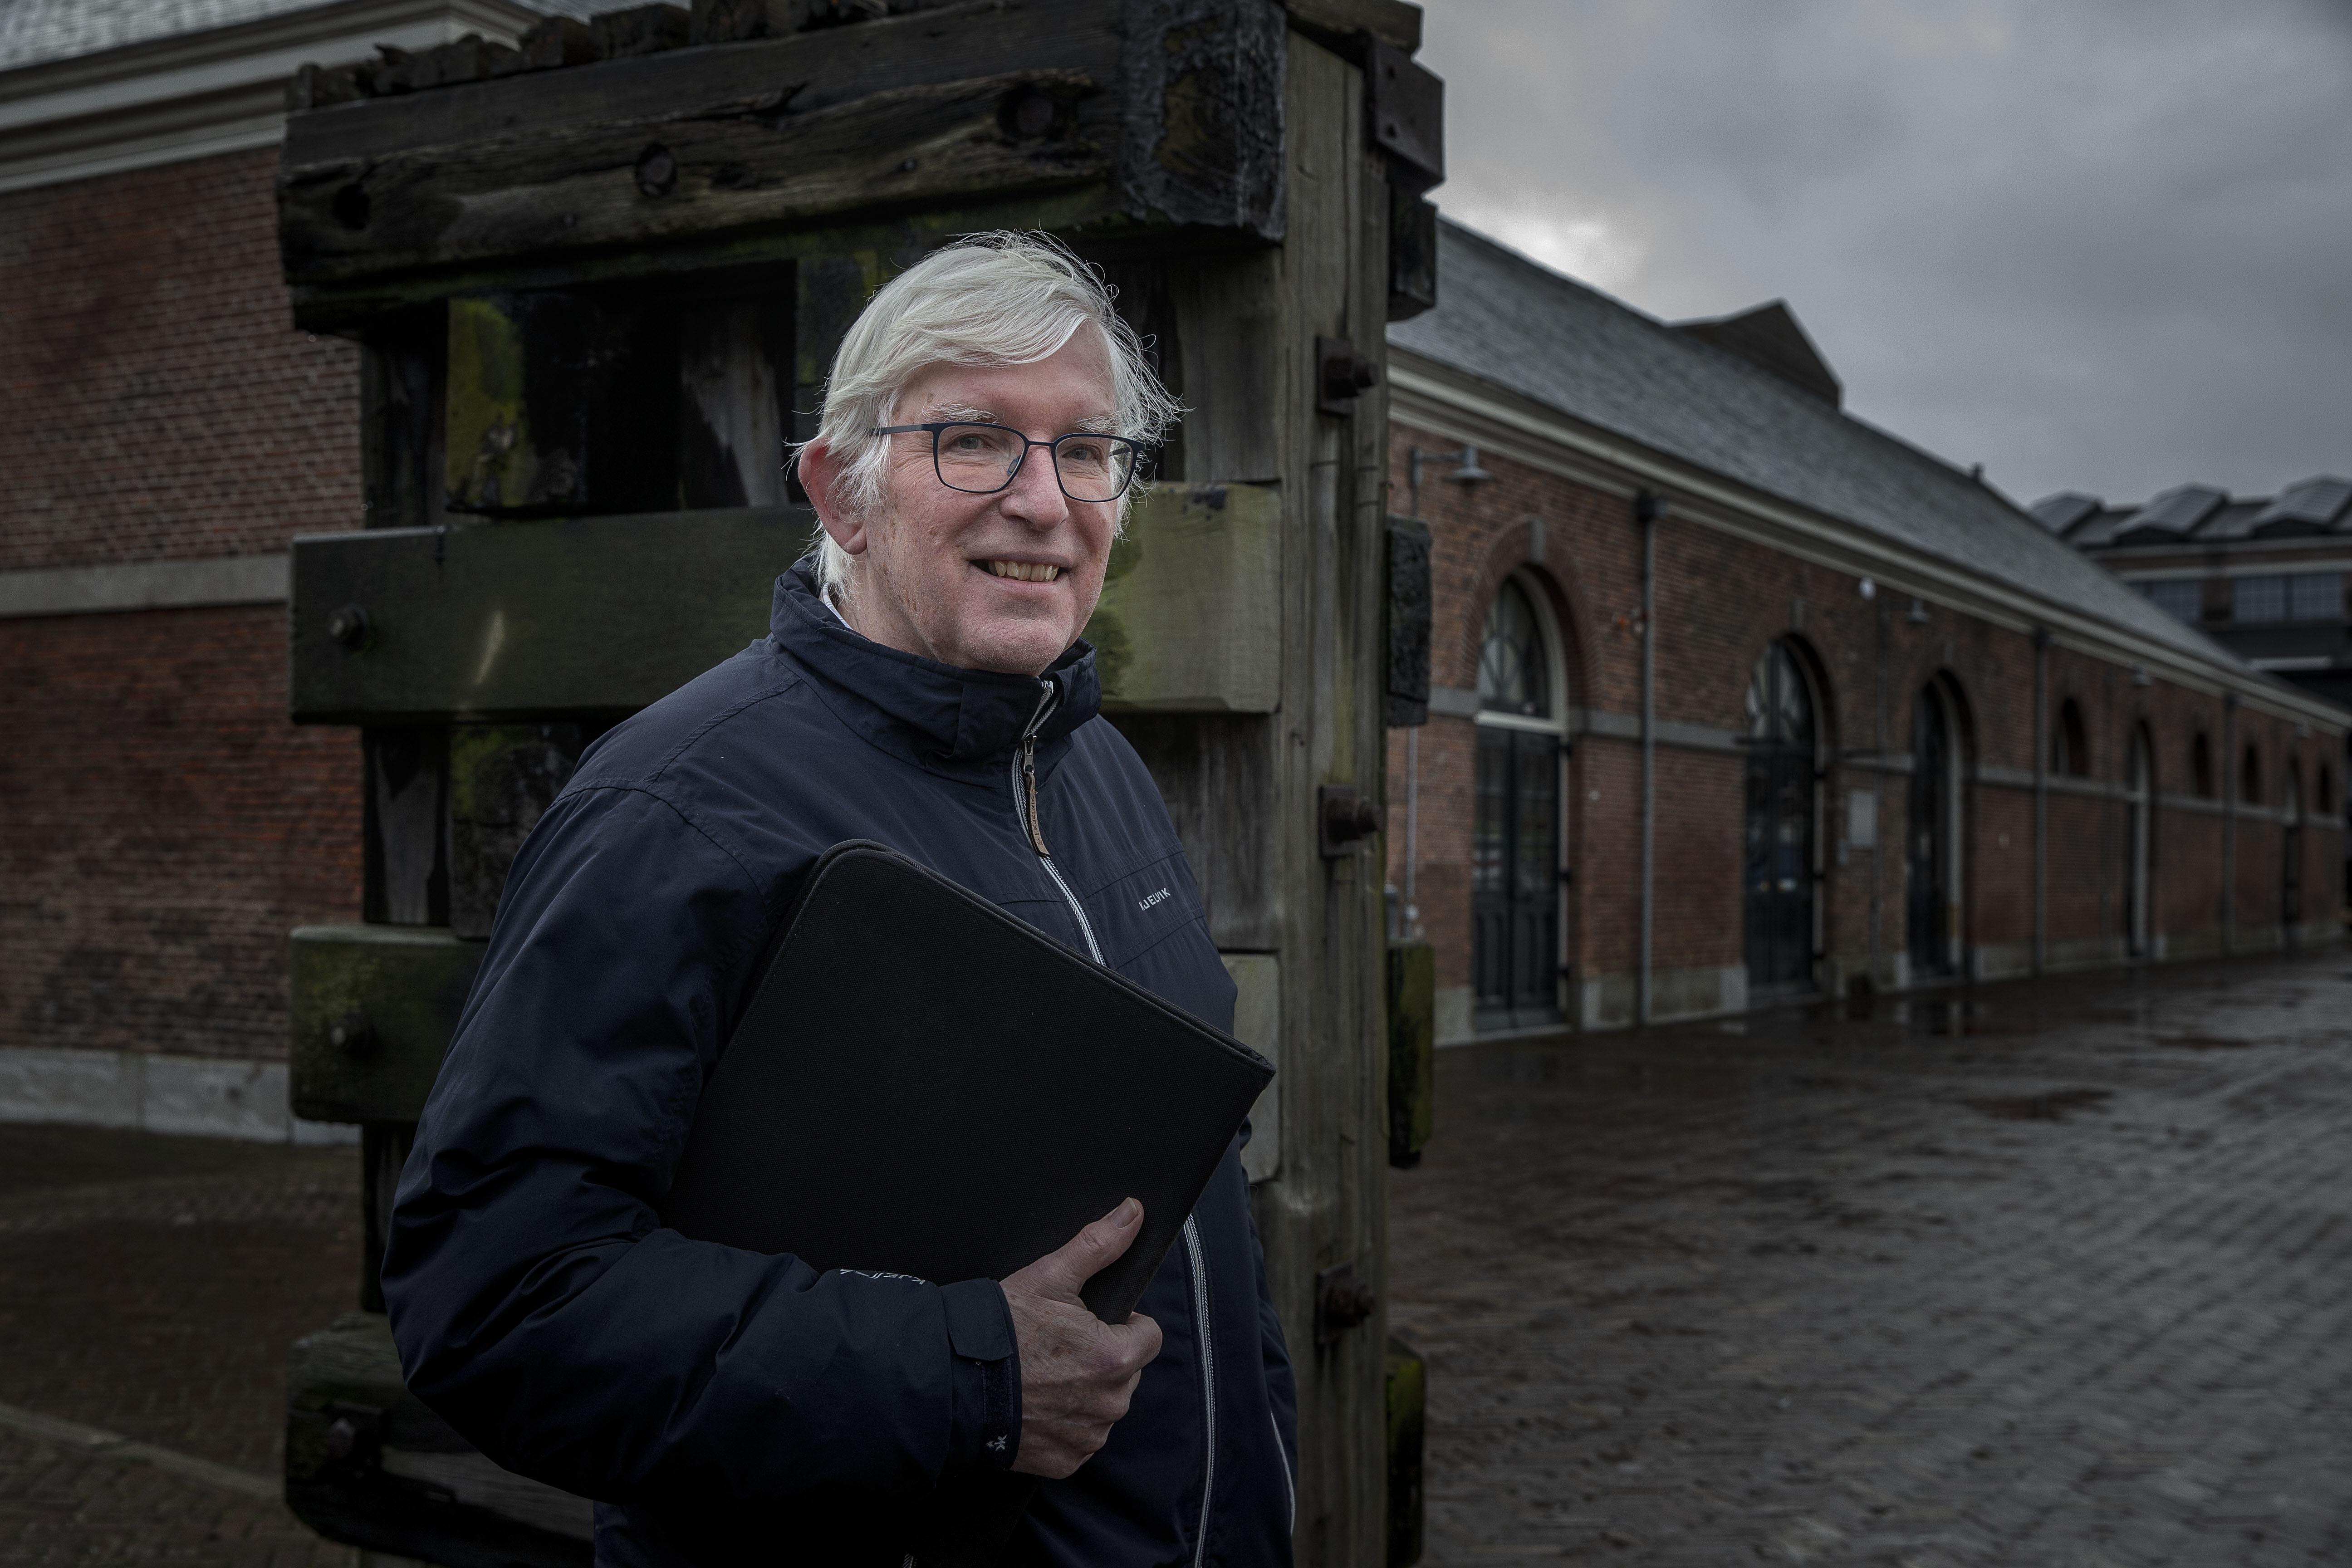 Oude bezwaarschriften tegen stadhuisplan Den Helder worden mogelijk afgestoft en opnieuw ingediend. 'Als de coalitie eerlijk en integer is, moeten de bezwaarschriften alsnog worden behandeld'